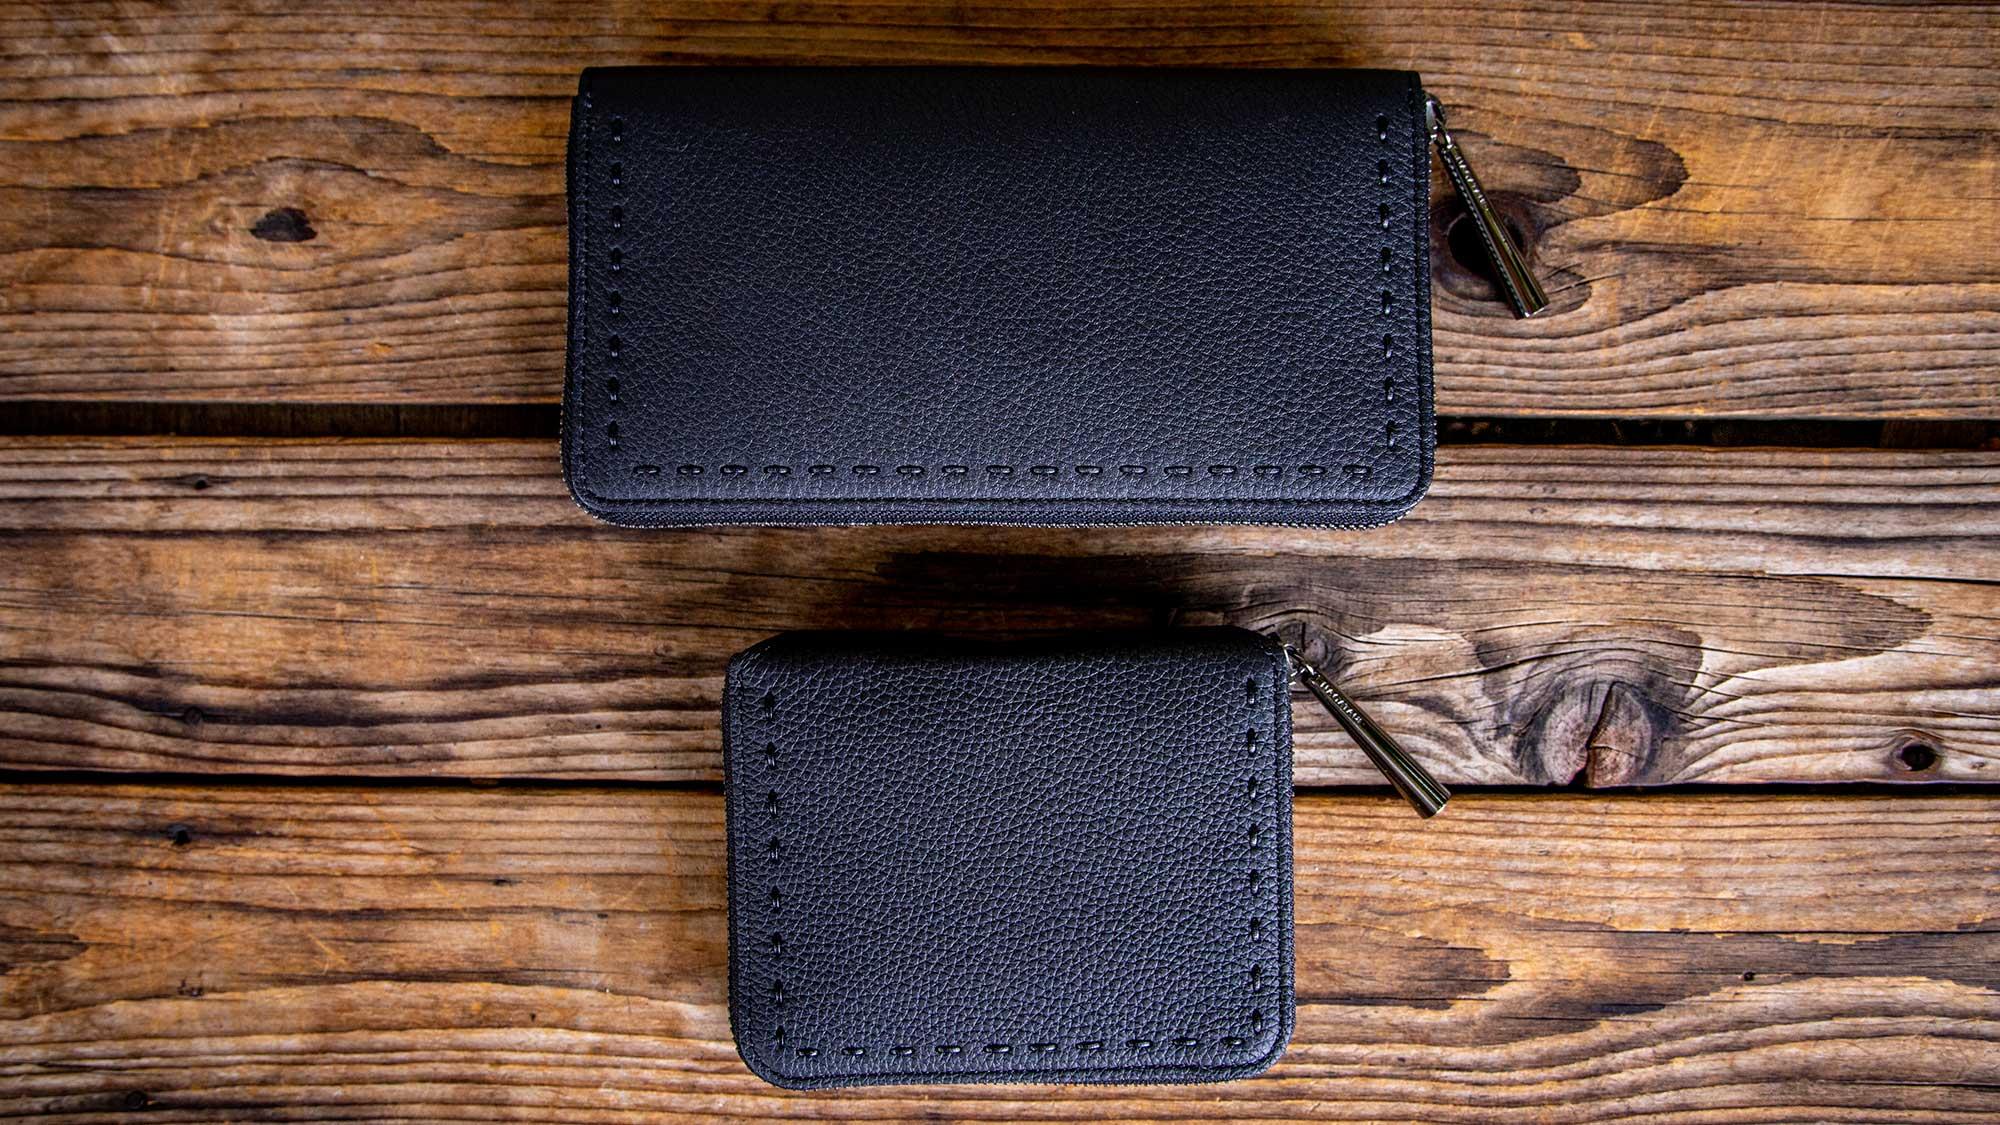 ロングセラーでシンプルなユニセックスデザインが人気のシュリンクレザー・本革ラウンドファスナー二つ折財布BONNYに「BLACK×BLACK」新色登場。